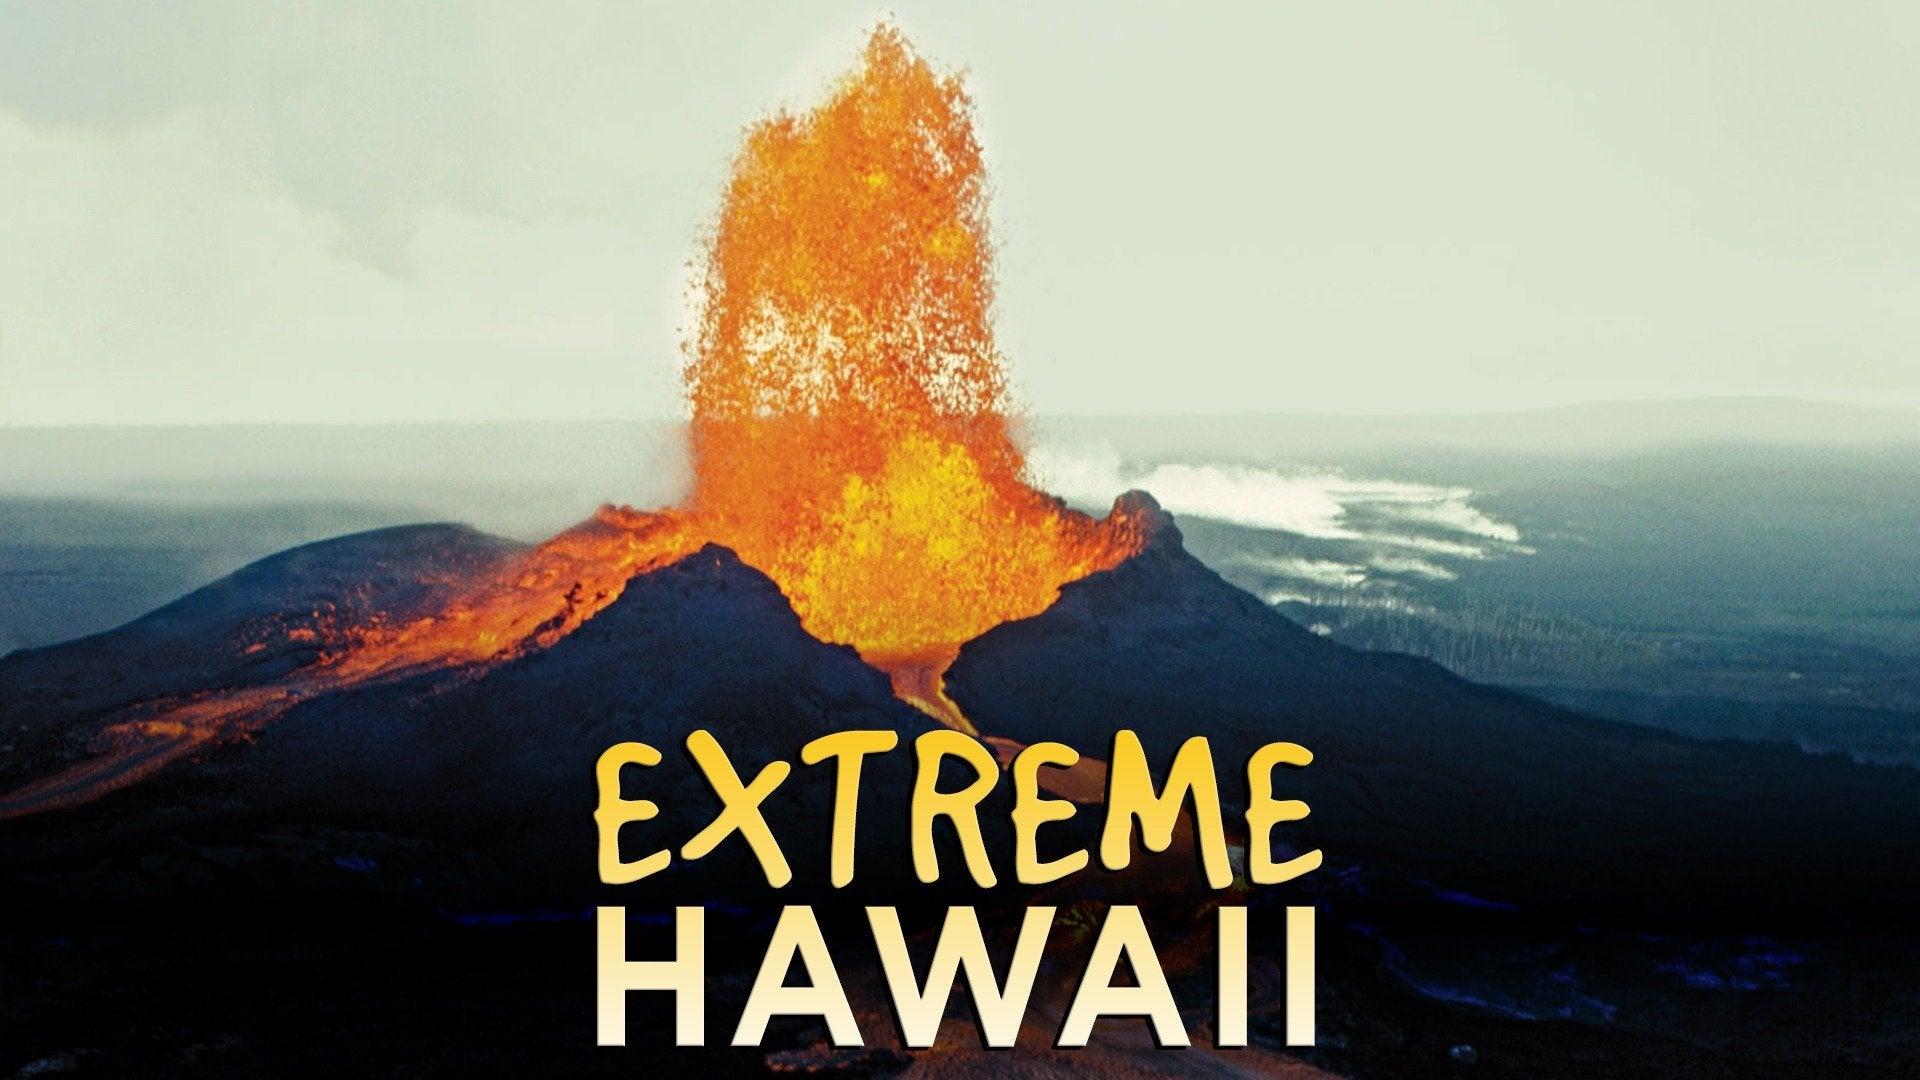 Extreme Hawaii